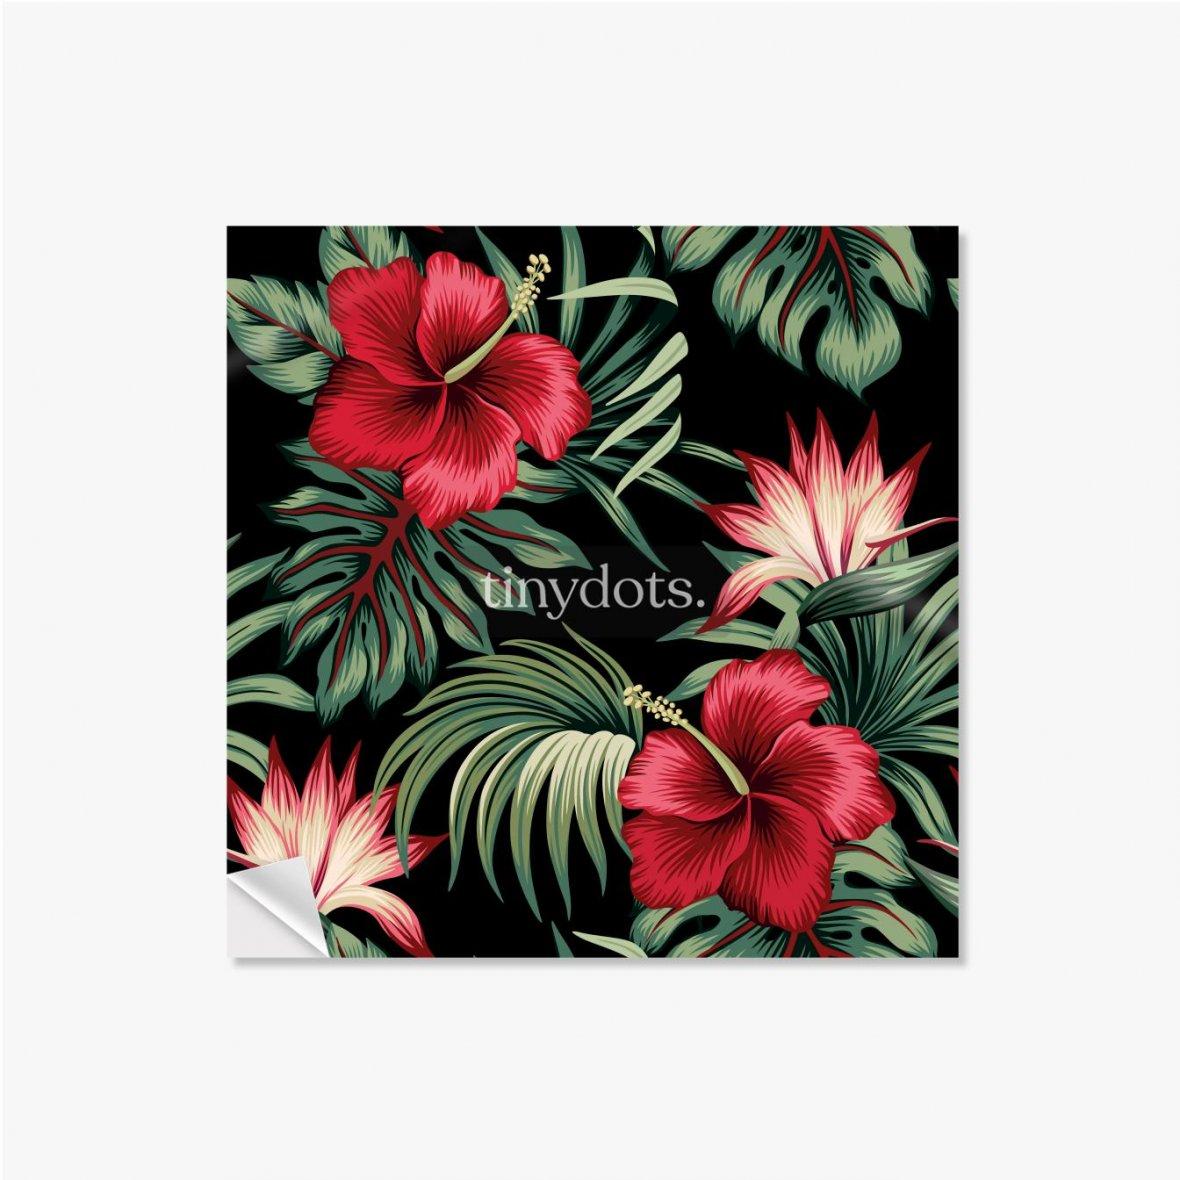 Selbstklebende Poster Tropischer Weinlese-roter Hibiskus und Strelitzia-Blumengrünpalmenblätter nahtloser Musterschwarzer Hintergrund. Exotischer Dsch